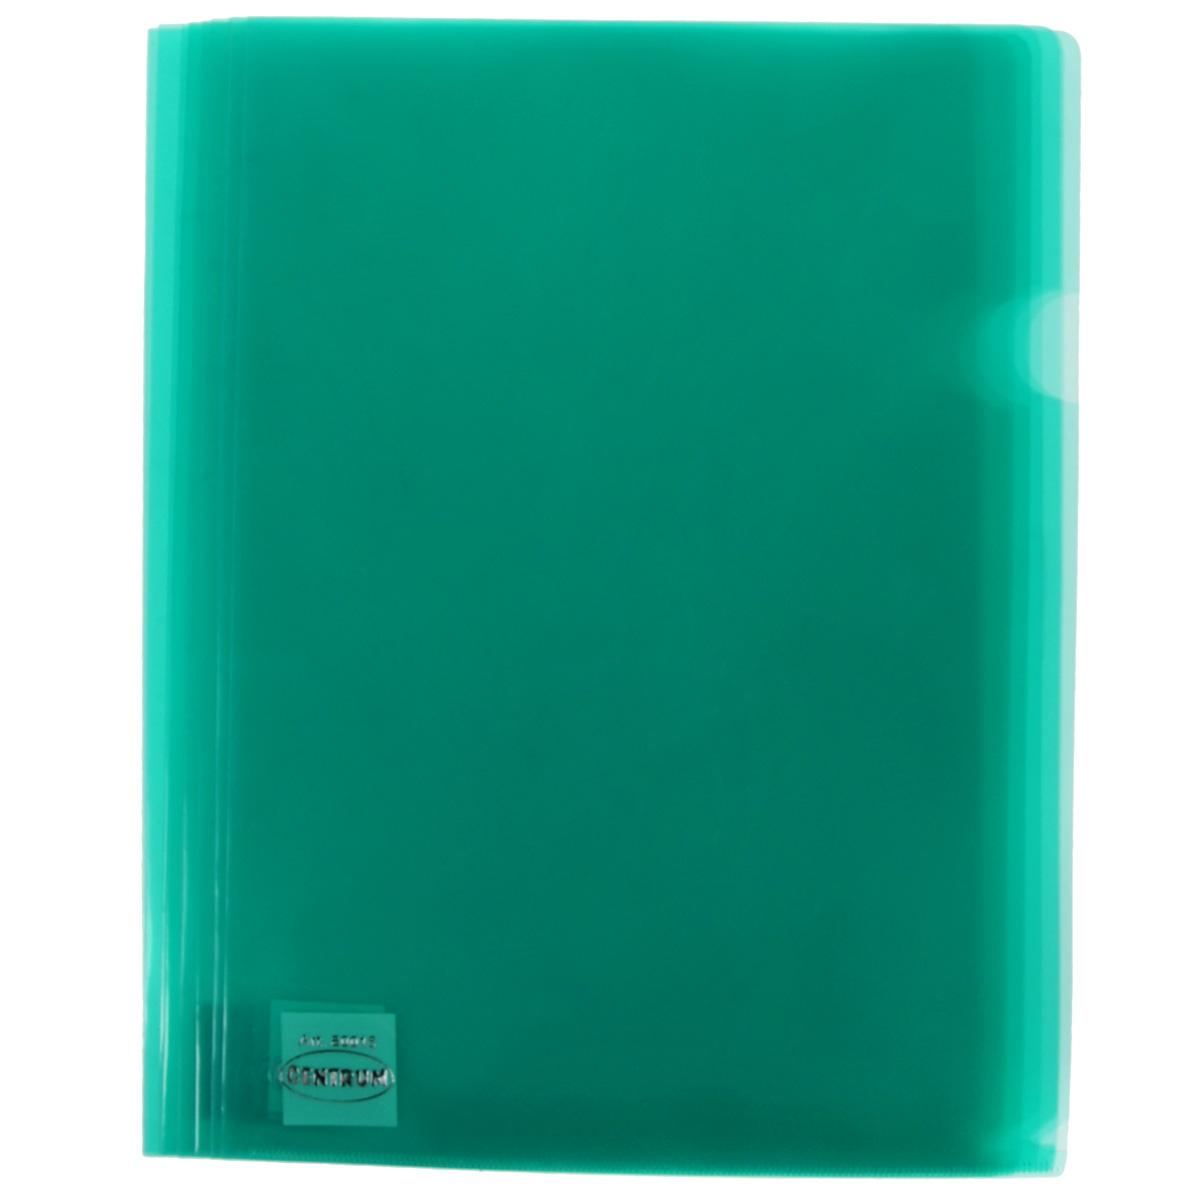 Папка-уголок Сentrum, 3 отделения, цвет: зеленый. Формат А4, 10 шт83321ОПапка-уголок Centrum - это удобный и практичный офисный инструмент, предназначенный для хранения и транспортировки рабочих бумаг и документов формата А4. Папка изготовлена из прозрачного глянцевого пластика, имеет три отделения с индексами-табуляторами. В комплект входят 10 папок формата А4. Папка-уголок - это незаменимый атрибут для студента, школьника, офисного работника. Такая папка надежно сохранит ваши документы и сбережет их от повреждений, пыли и влаги.